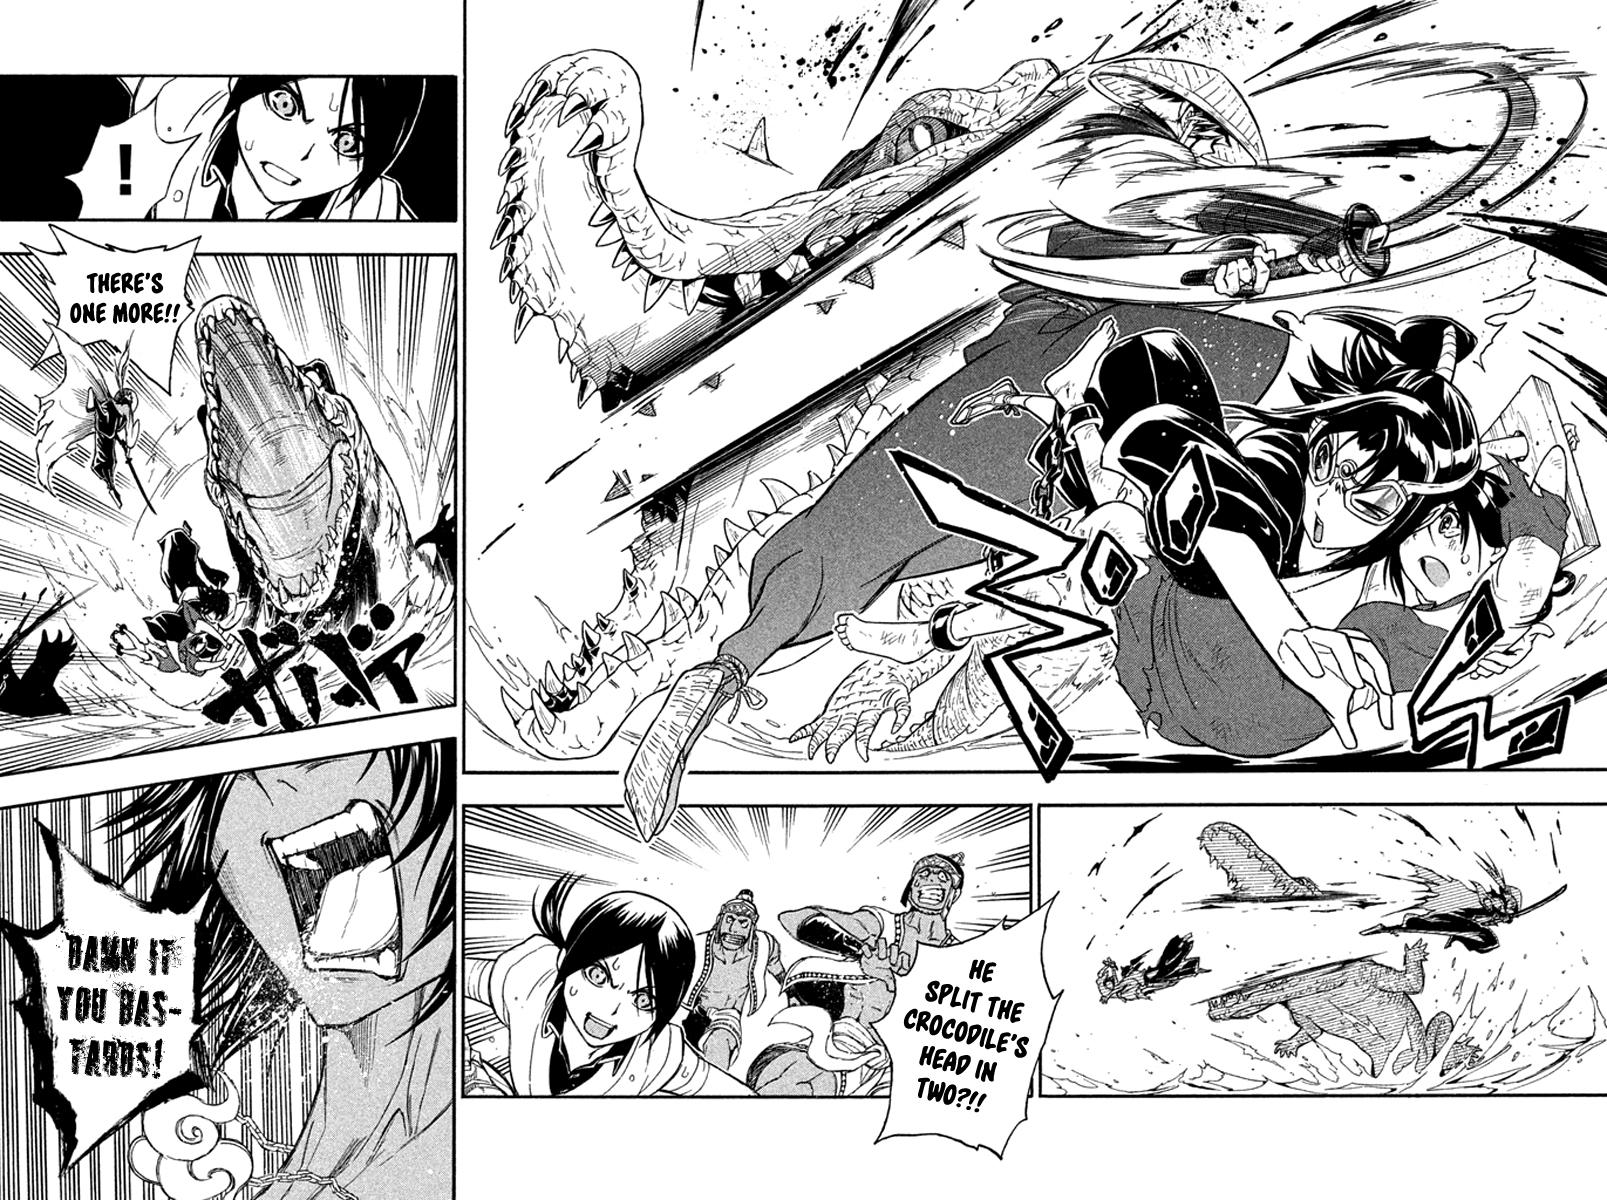 Samurai Ragazzi - Sengoku Shounen Seihou Kenbunroku  page 38 at rocaca.com